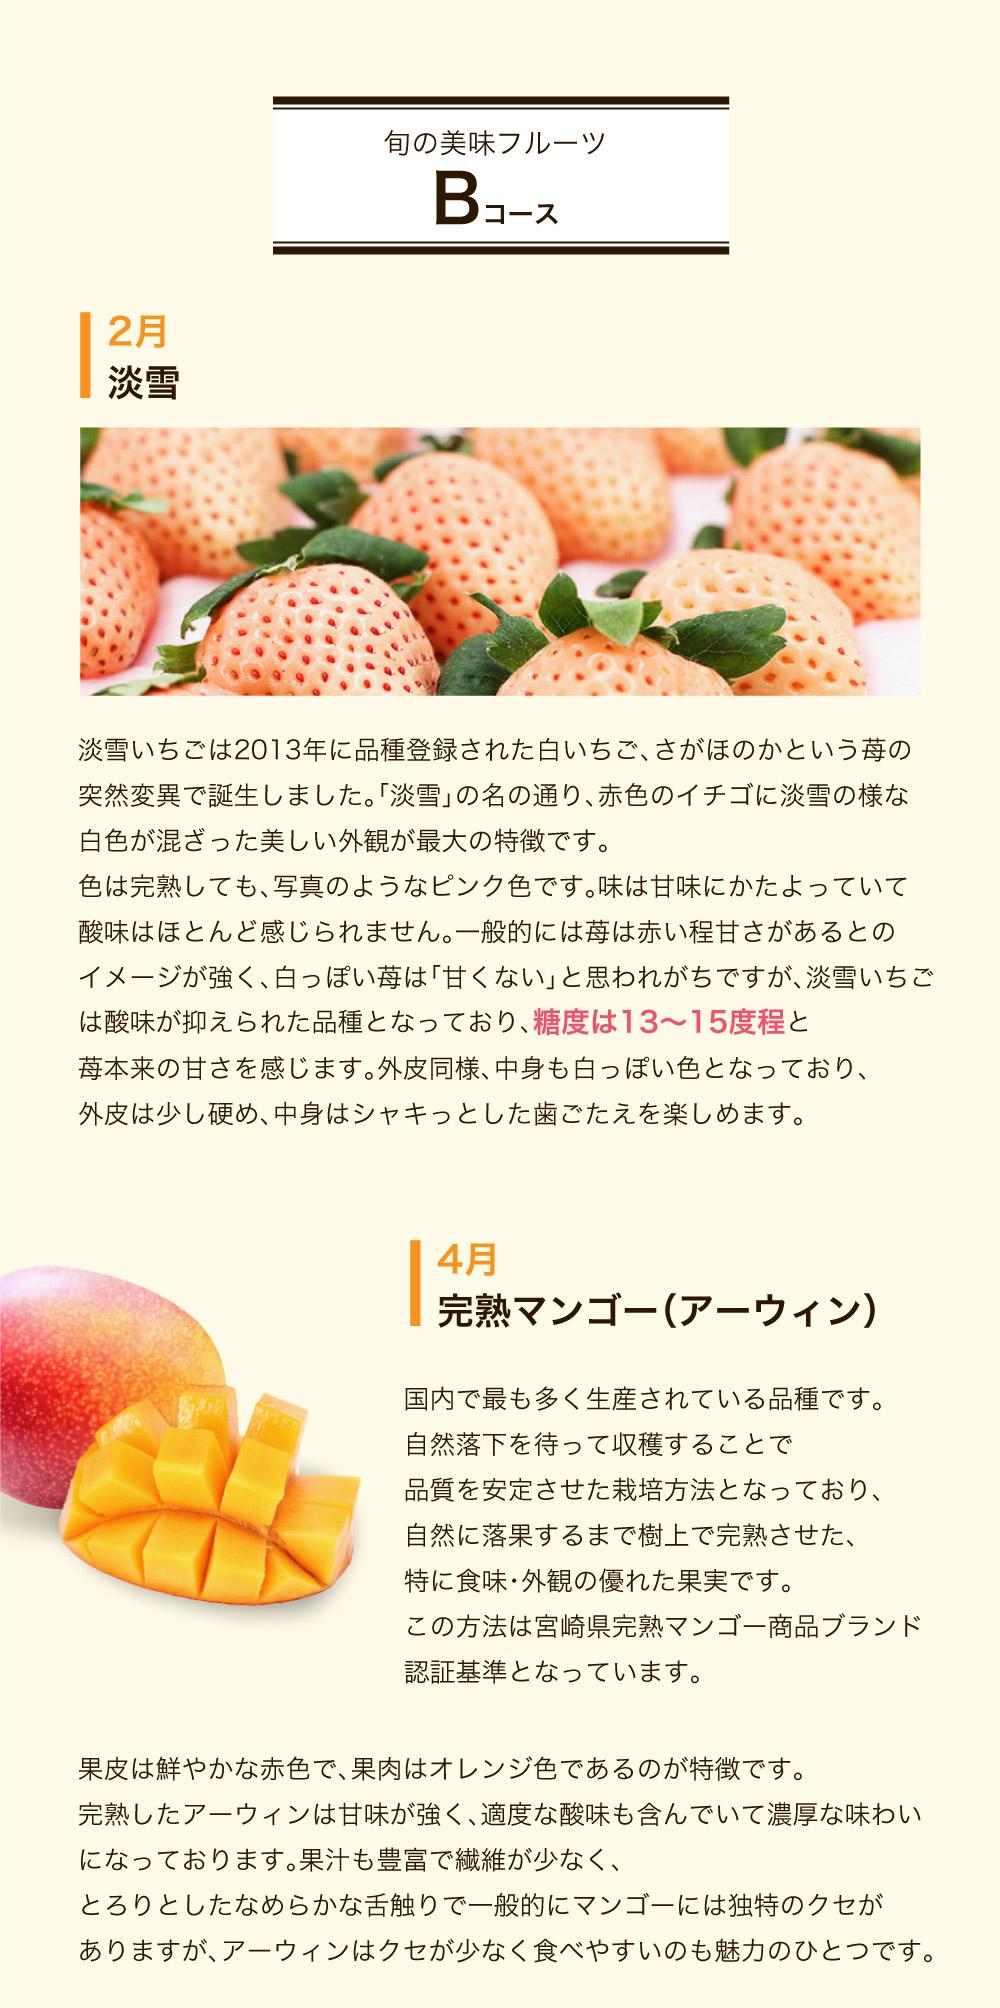 旬の美味フルーツBコース 淡雪 完熟マンゴー